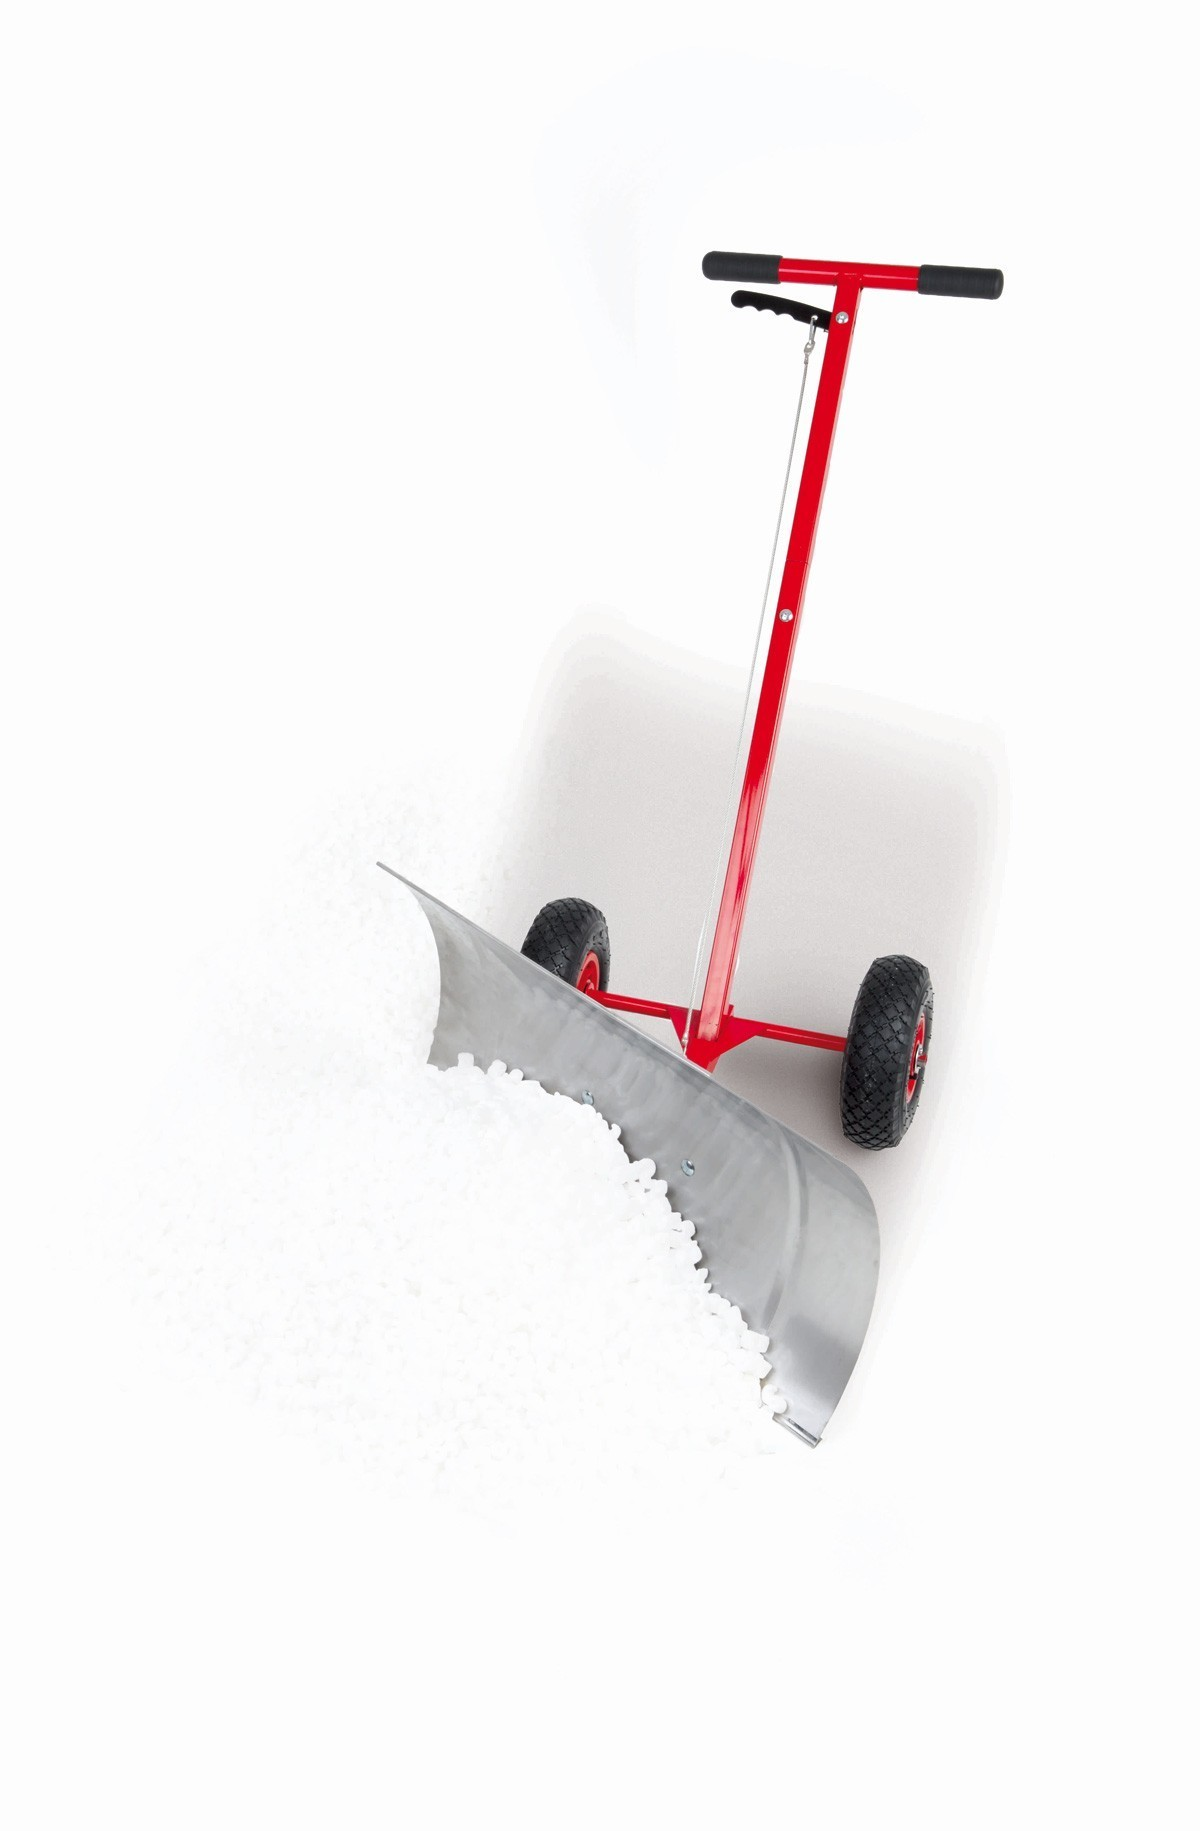 Powerpac Schneeschieber / Schneeräumer mit Reifen 74cm Bild 2